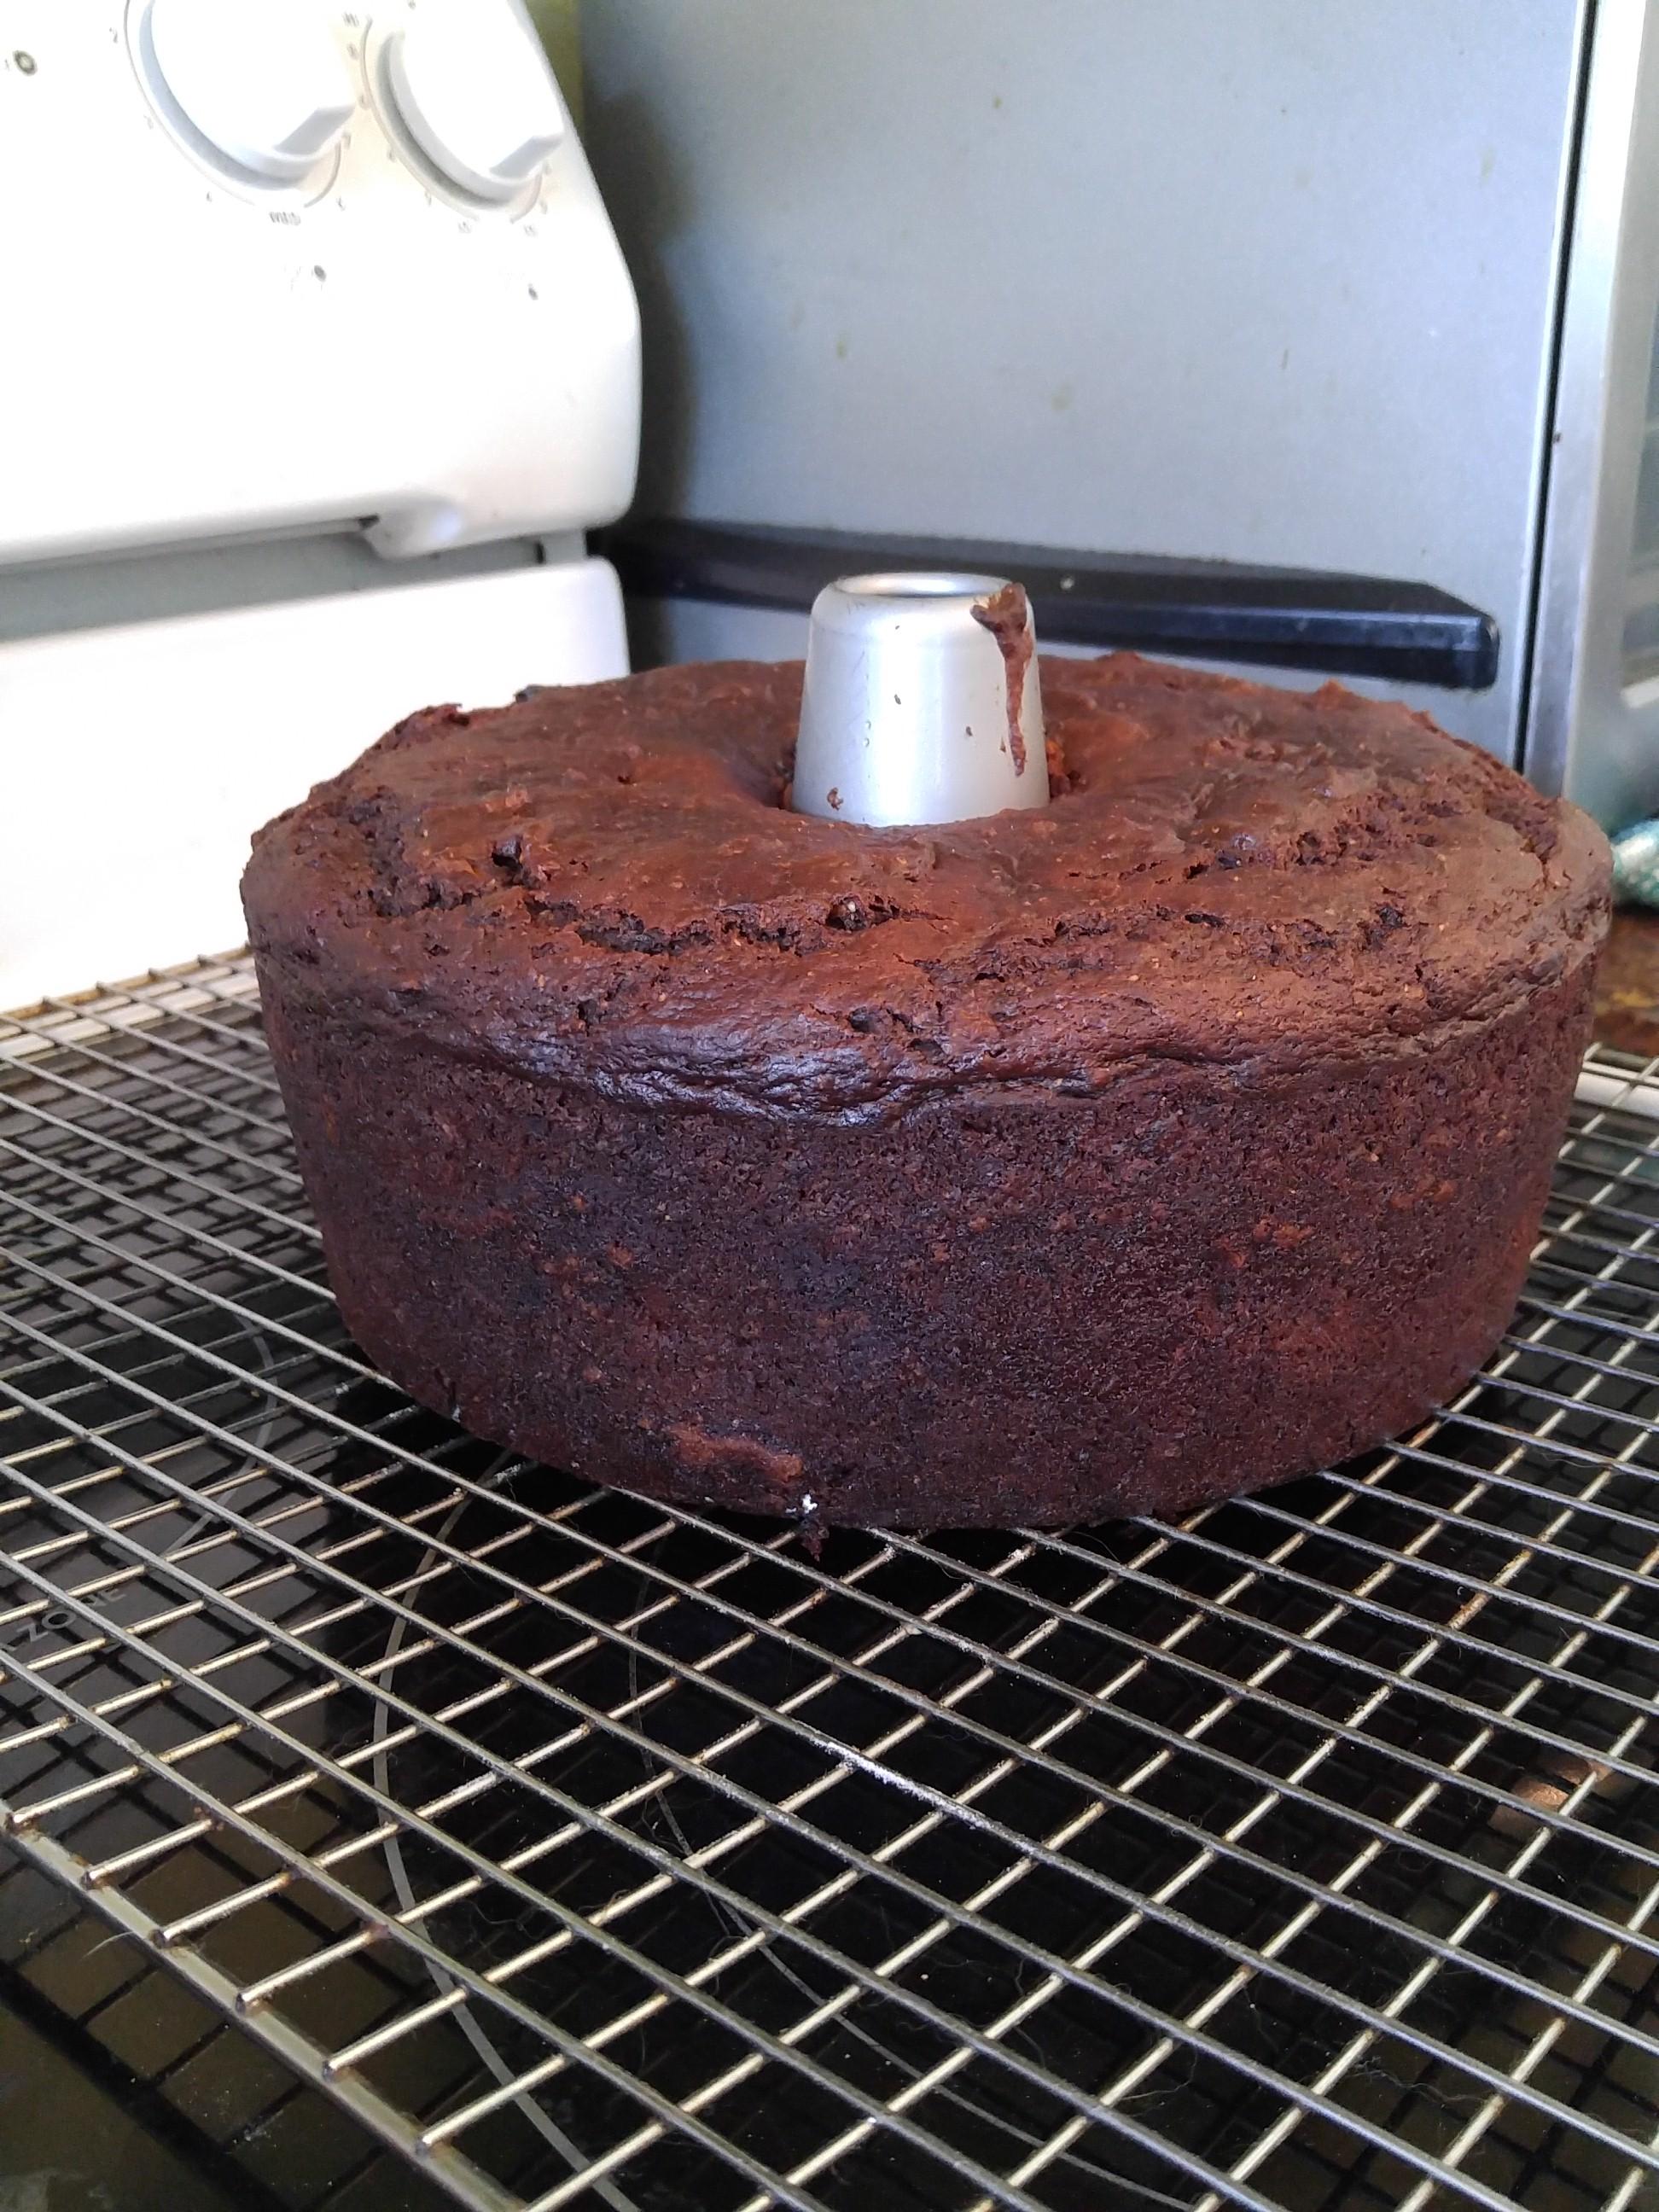 Somebody's Grandma's Spice Cake